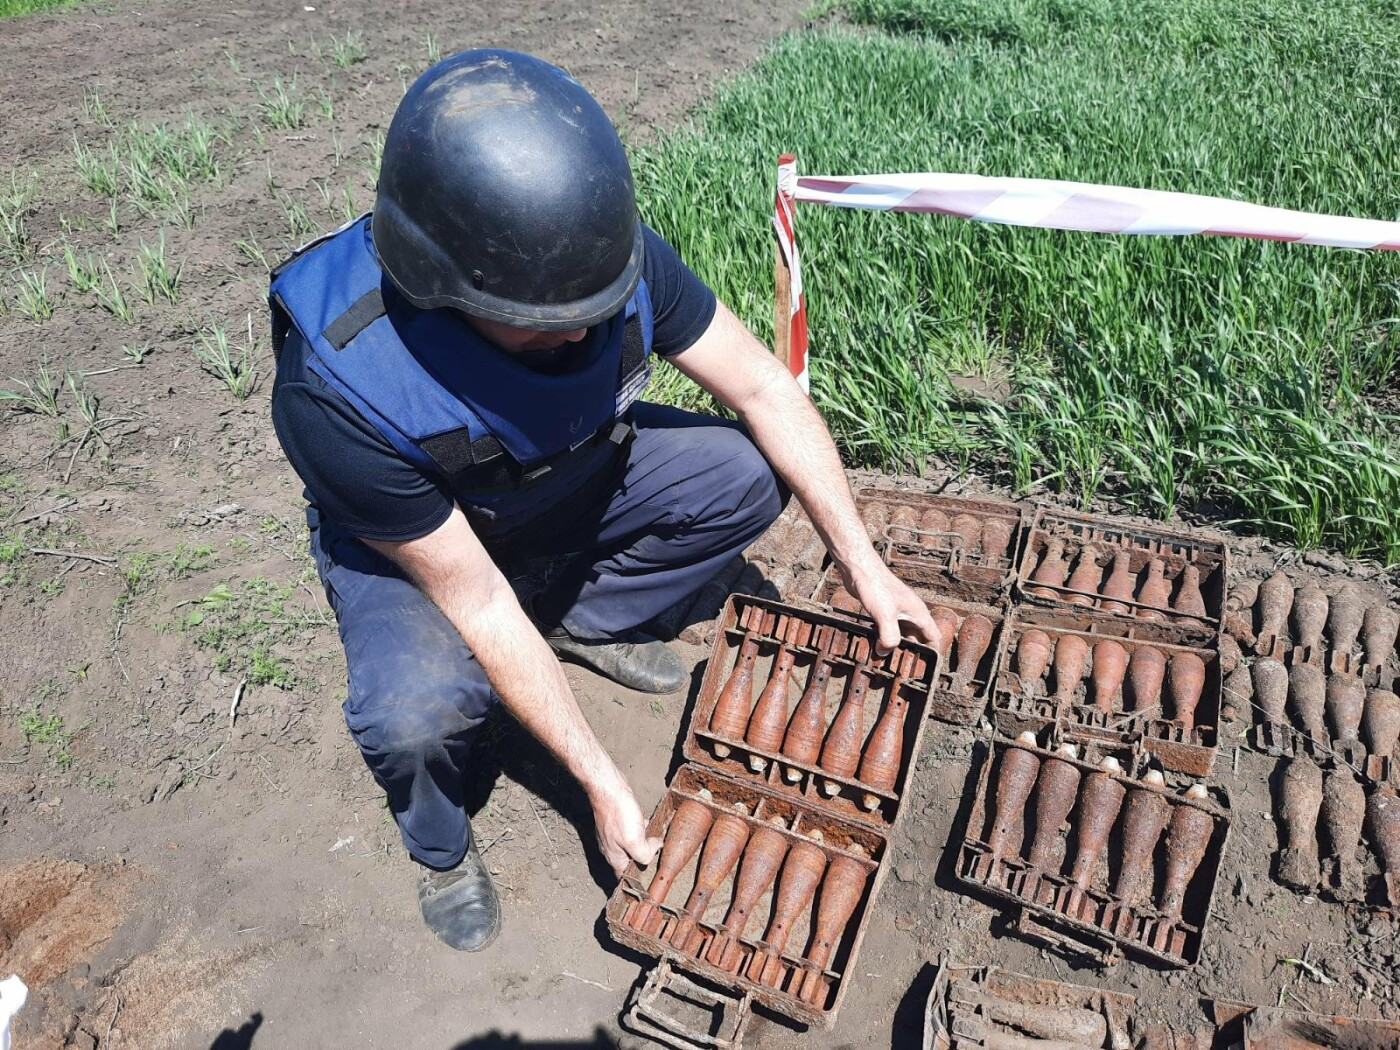 Знову небезпечна знахідка: на Лозівщині селянин виявив півтори сотні снарядів, фото-1